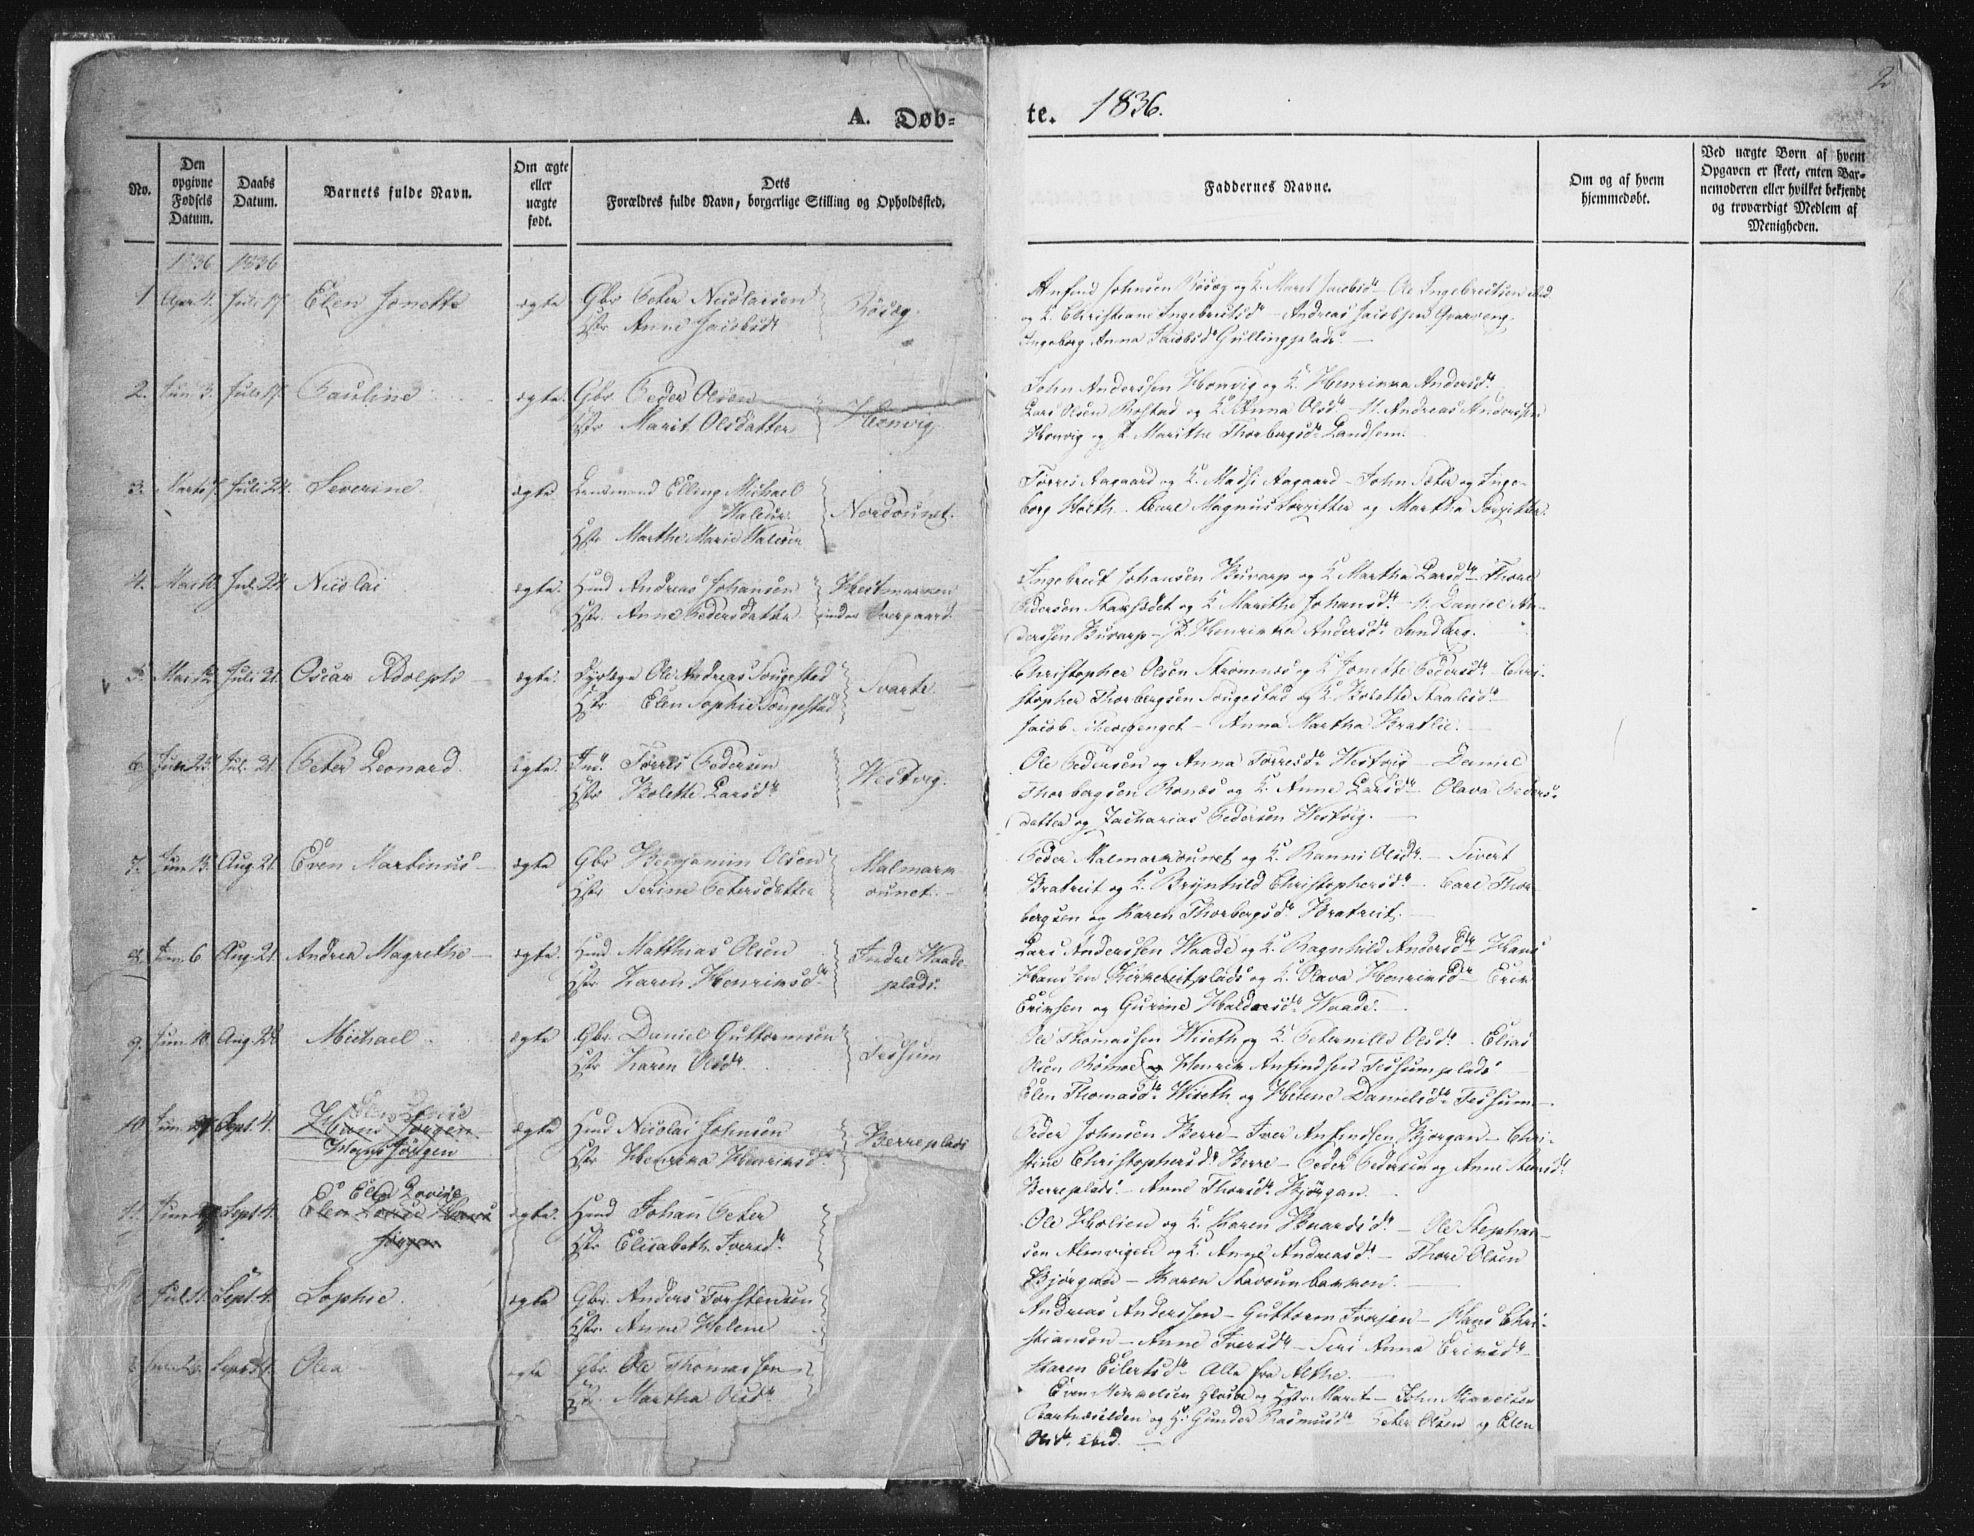 SAT, Ministerialprotokoller, klokkerbøker og fødselsregistre - Nord-Trøndelag, 741/L0392: Ministerialbok nr. 741A06, 1836-1848, s. 2